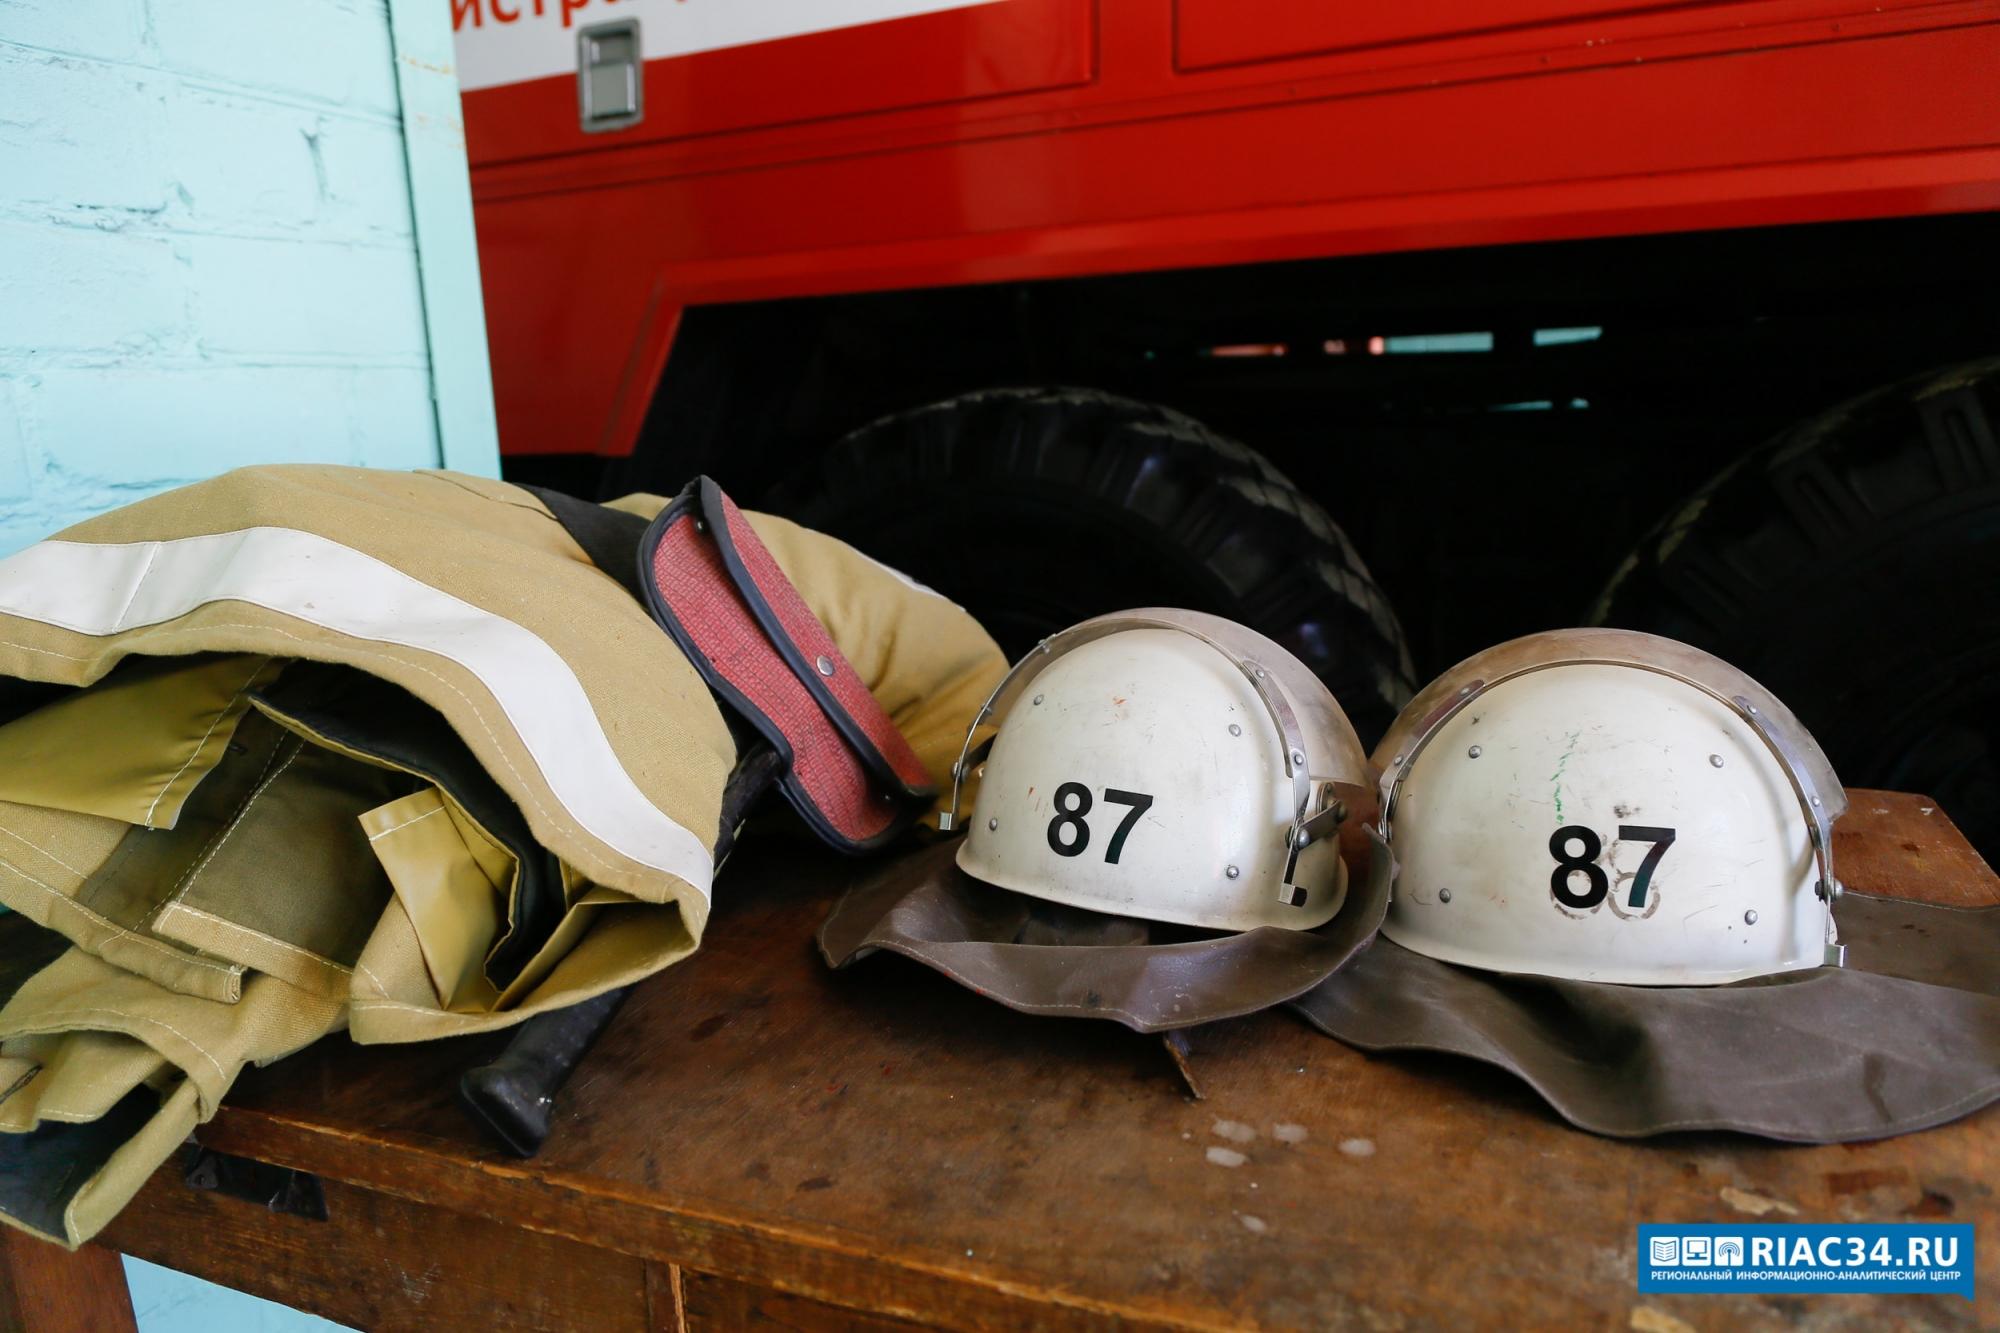 Гостиница «Волгоград» после возгорания всоседних «Конфетках-бараночках», работает вштатном режиме